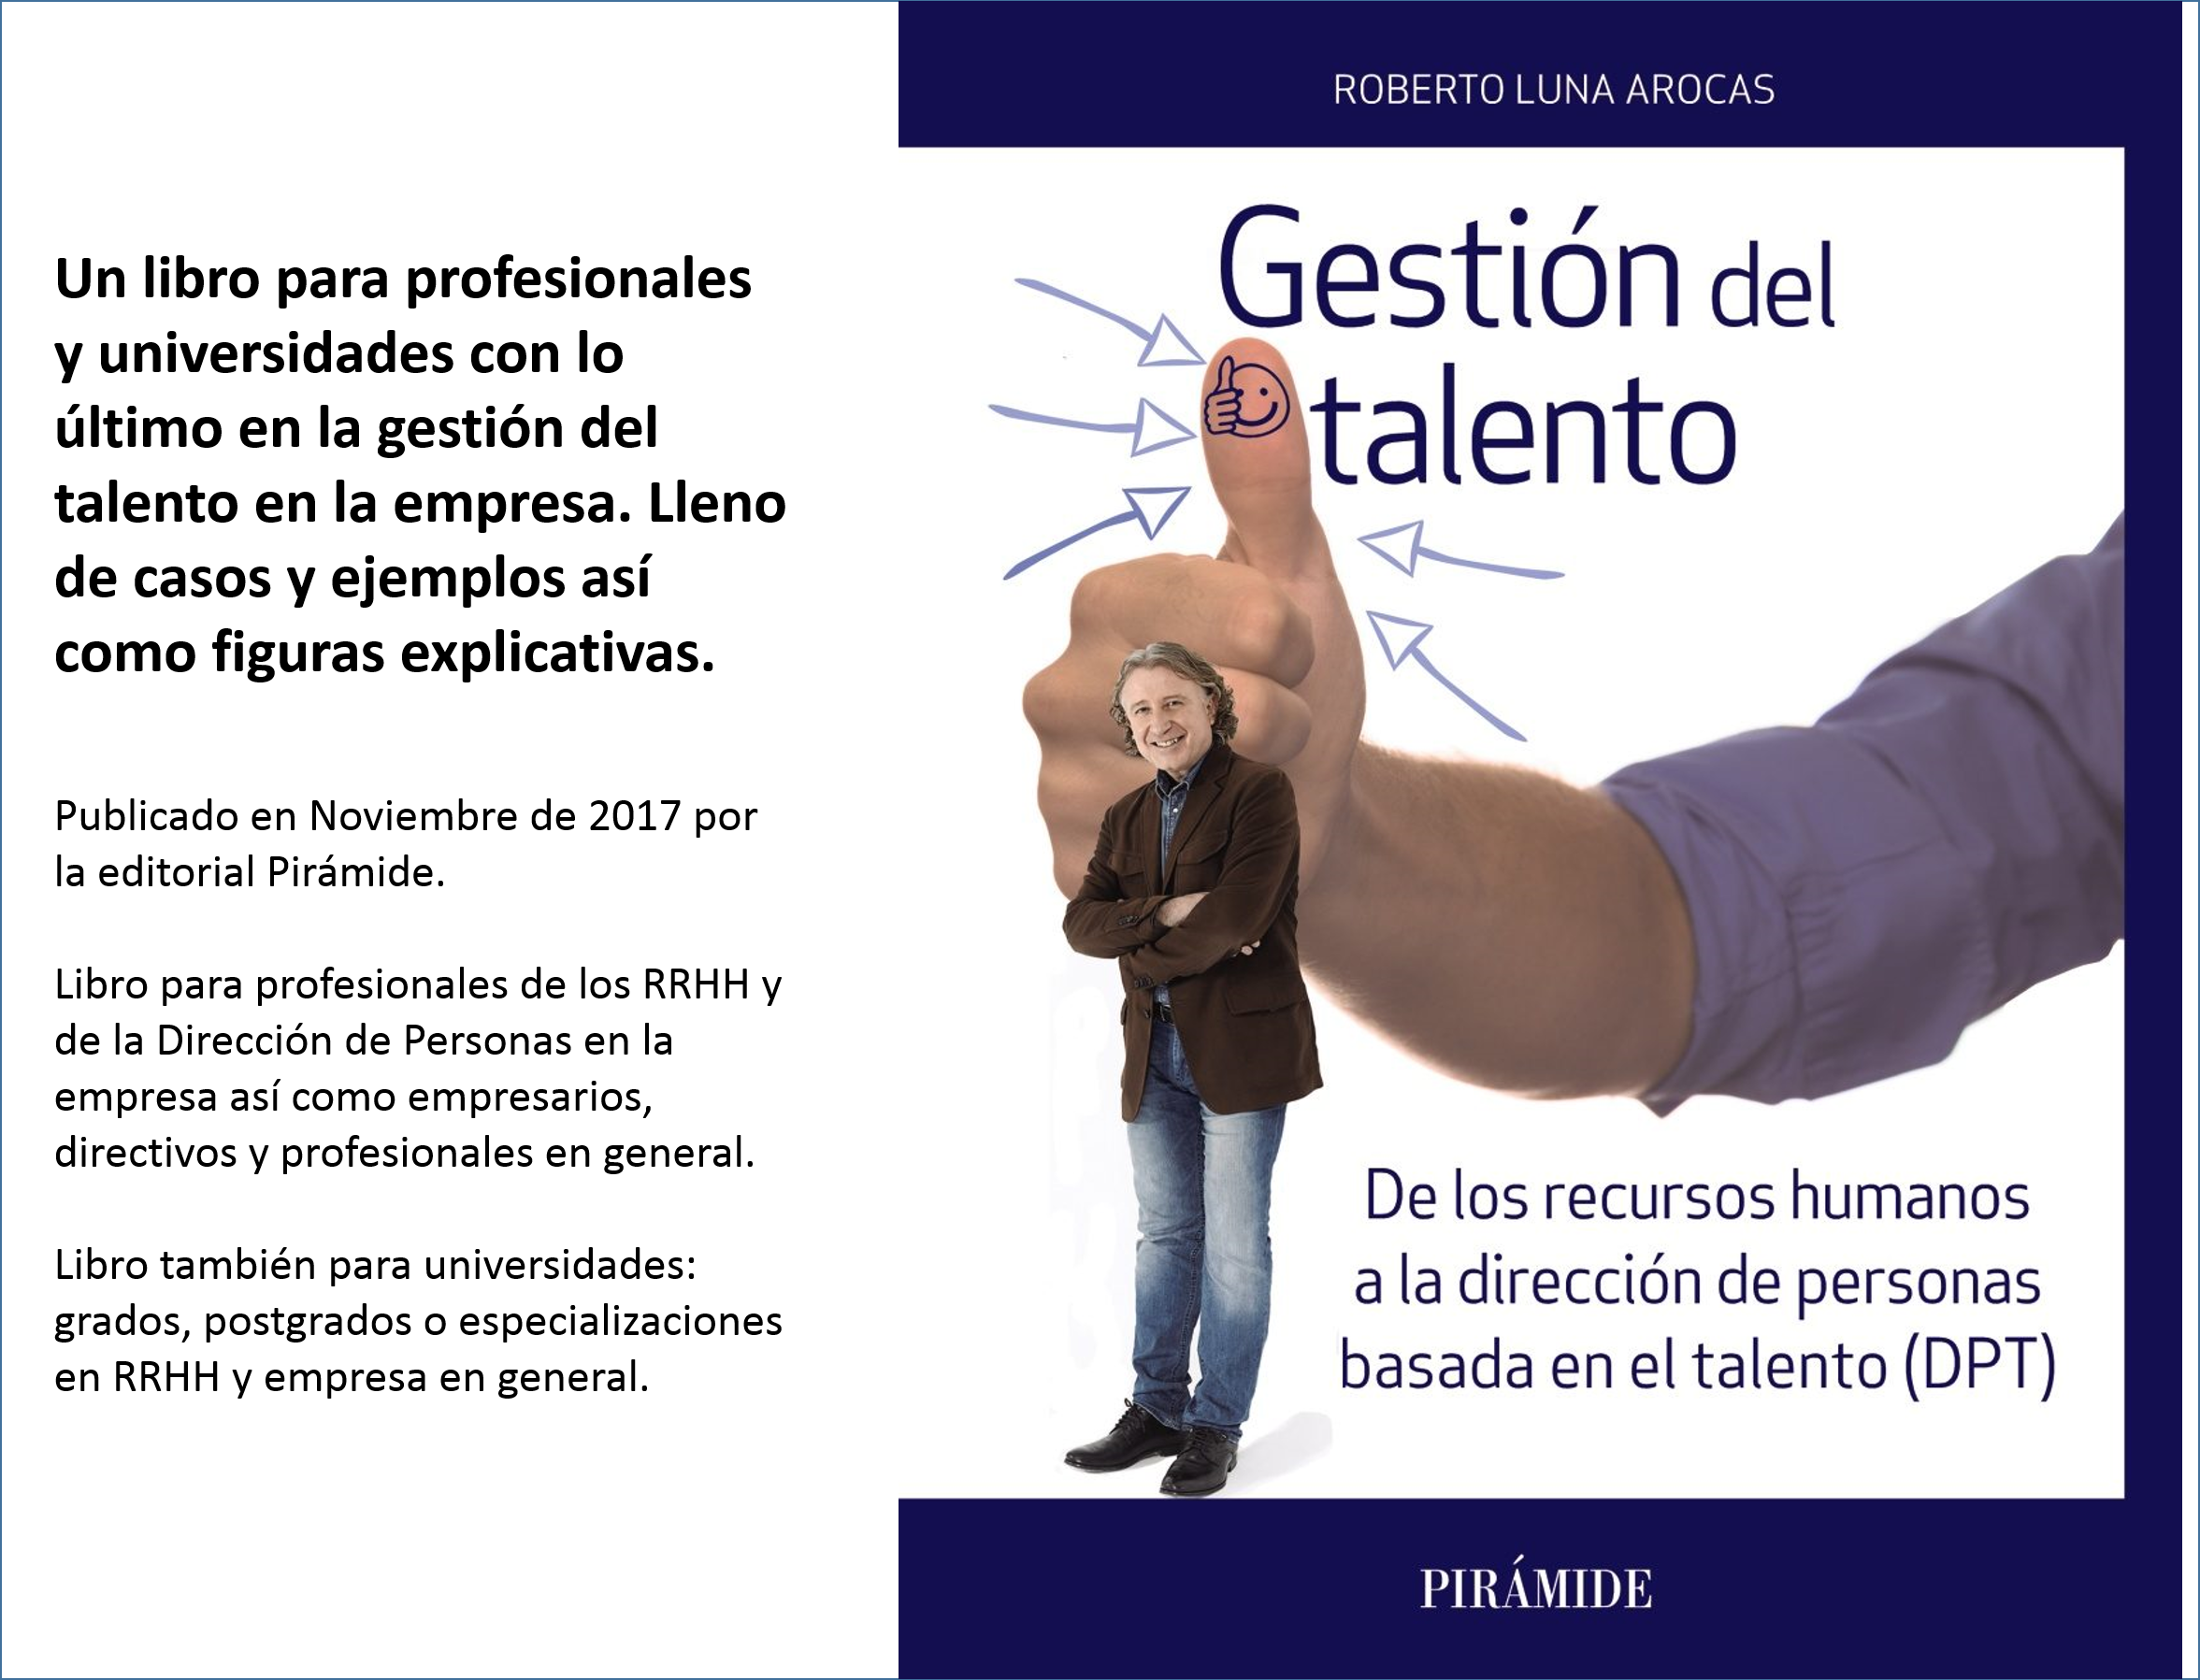 Libro gestión del talento Roberto Luna